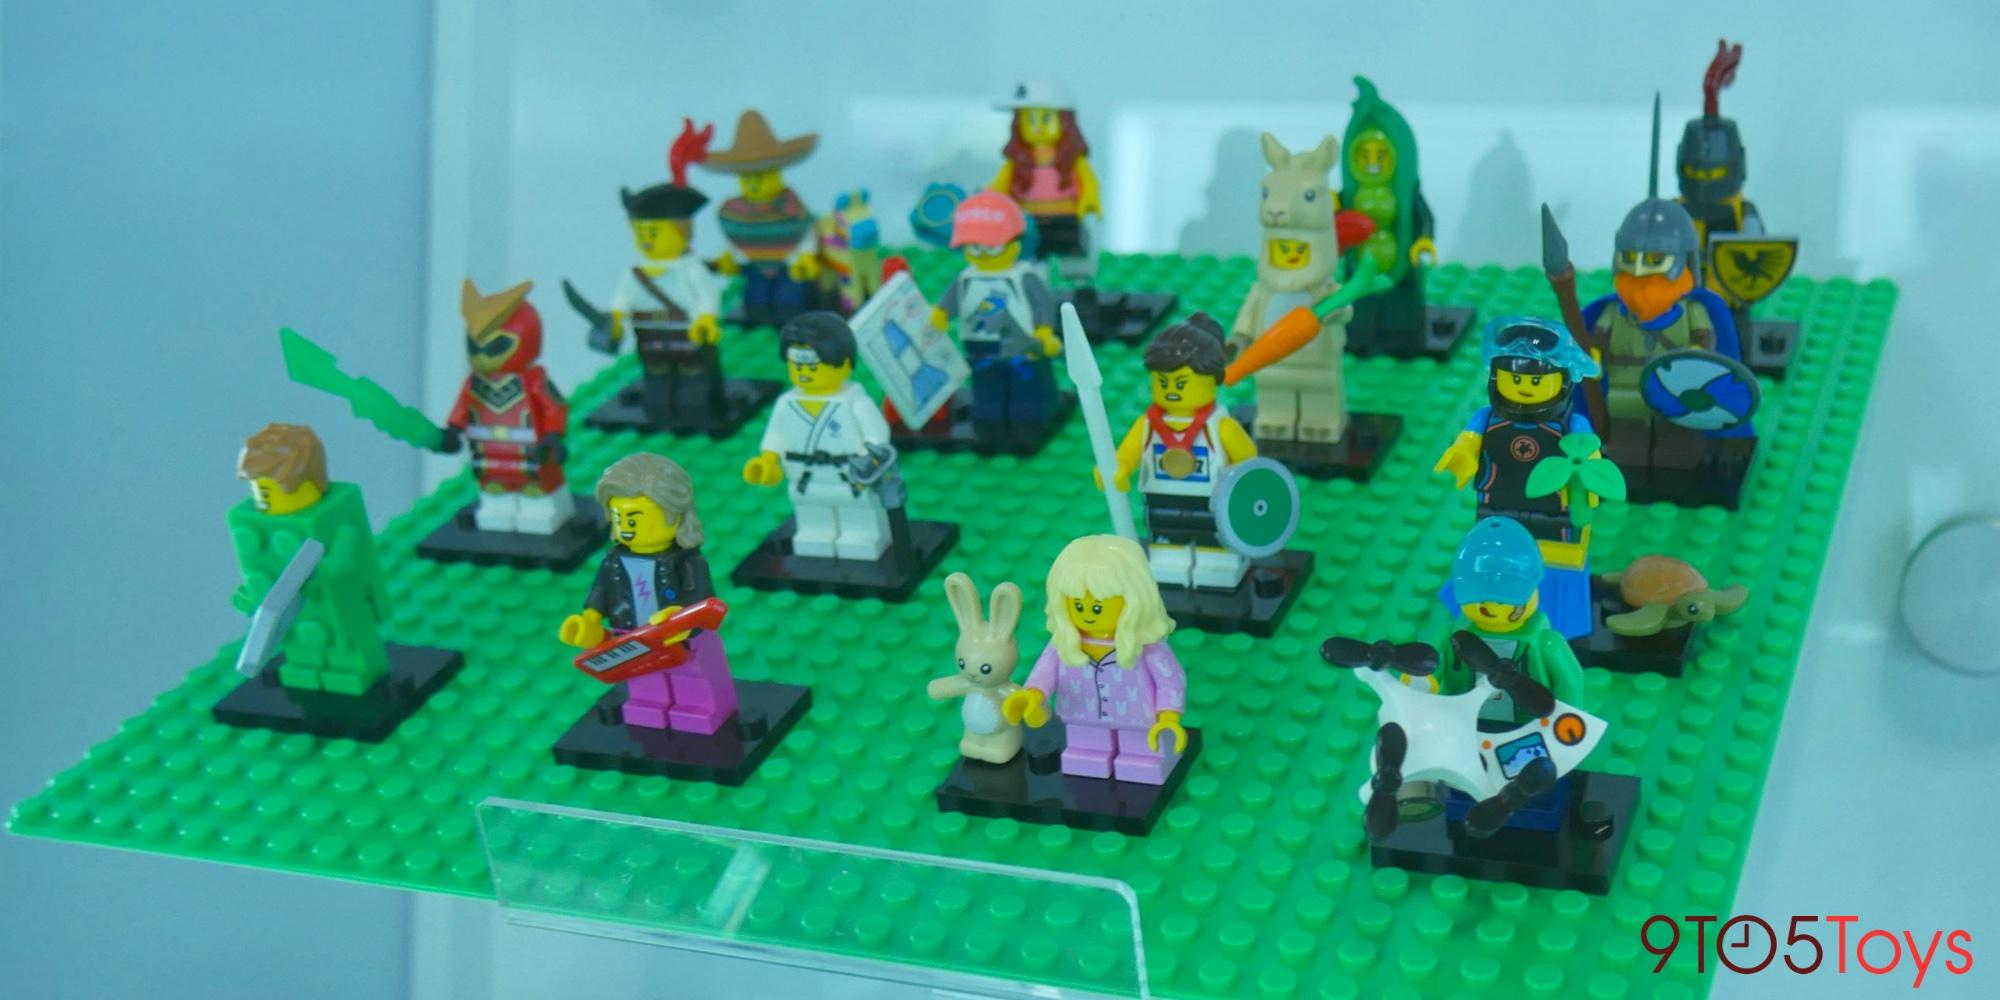 LEGO Toy Fair 2020